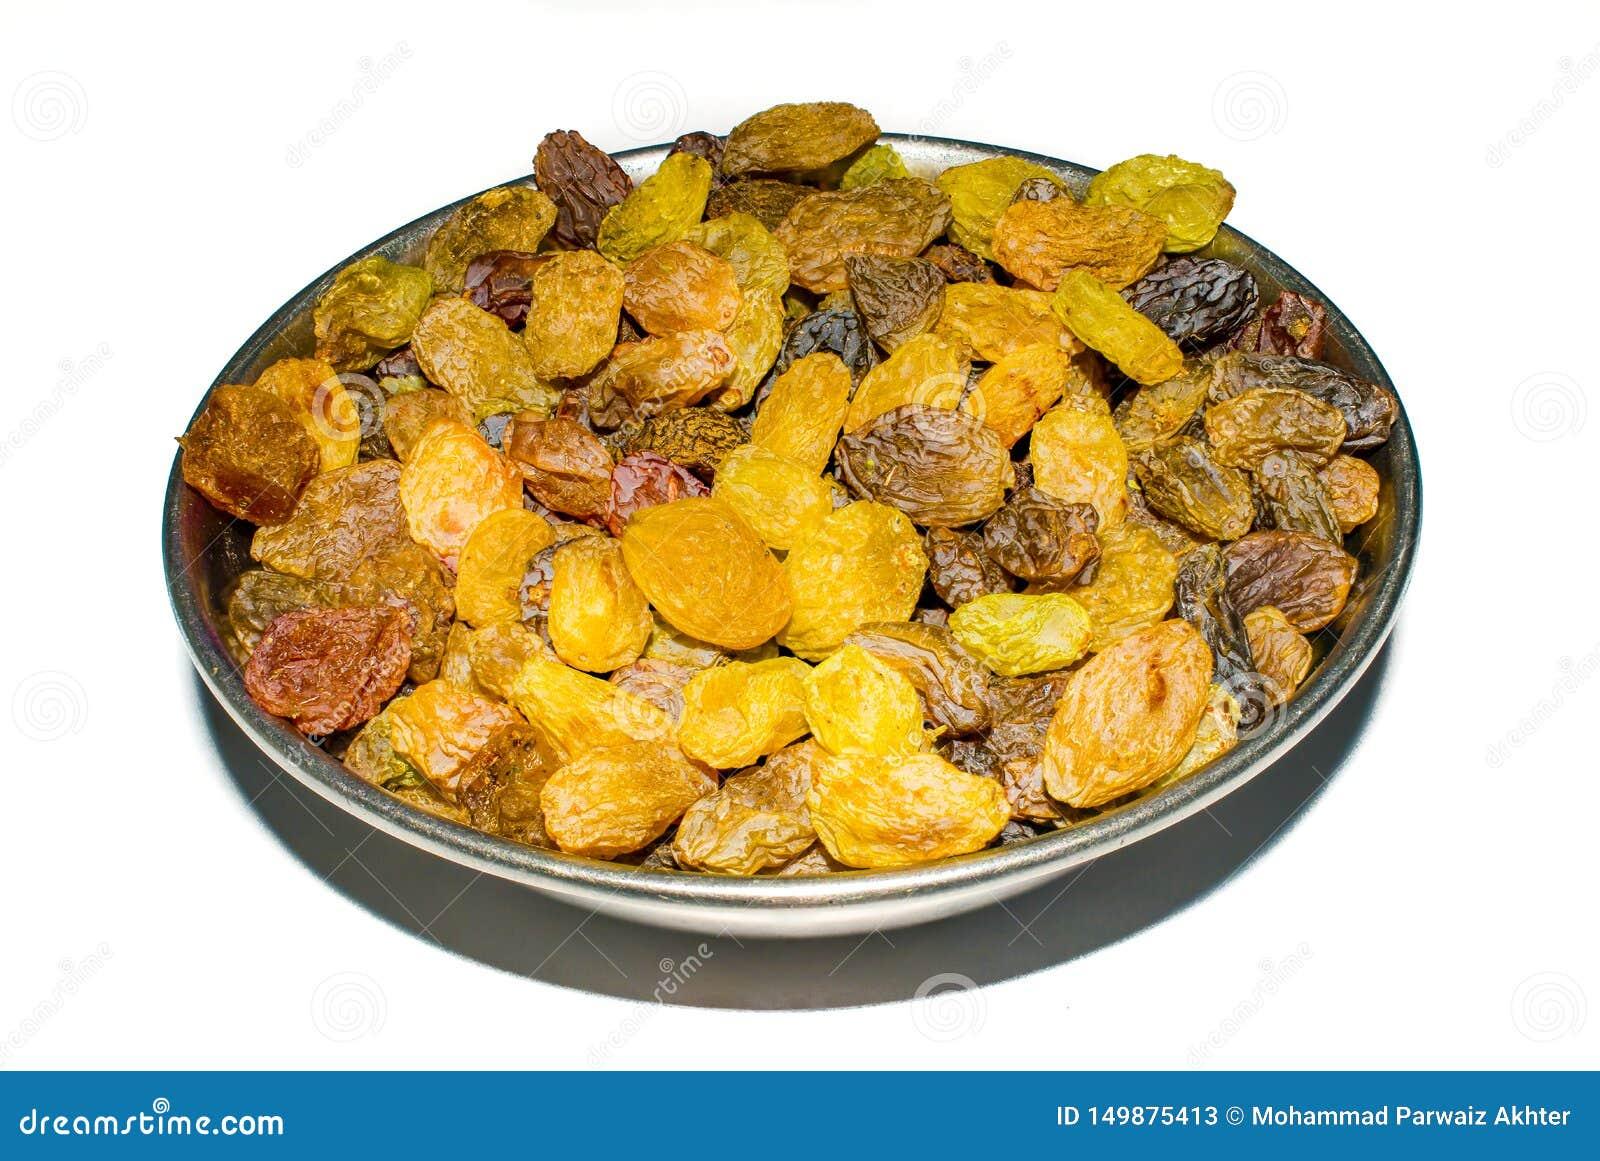 Tiro ascendente próximo de passas orgânicas, uvas doces secadas